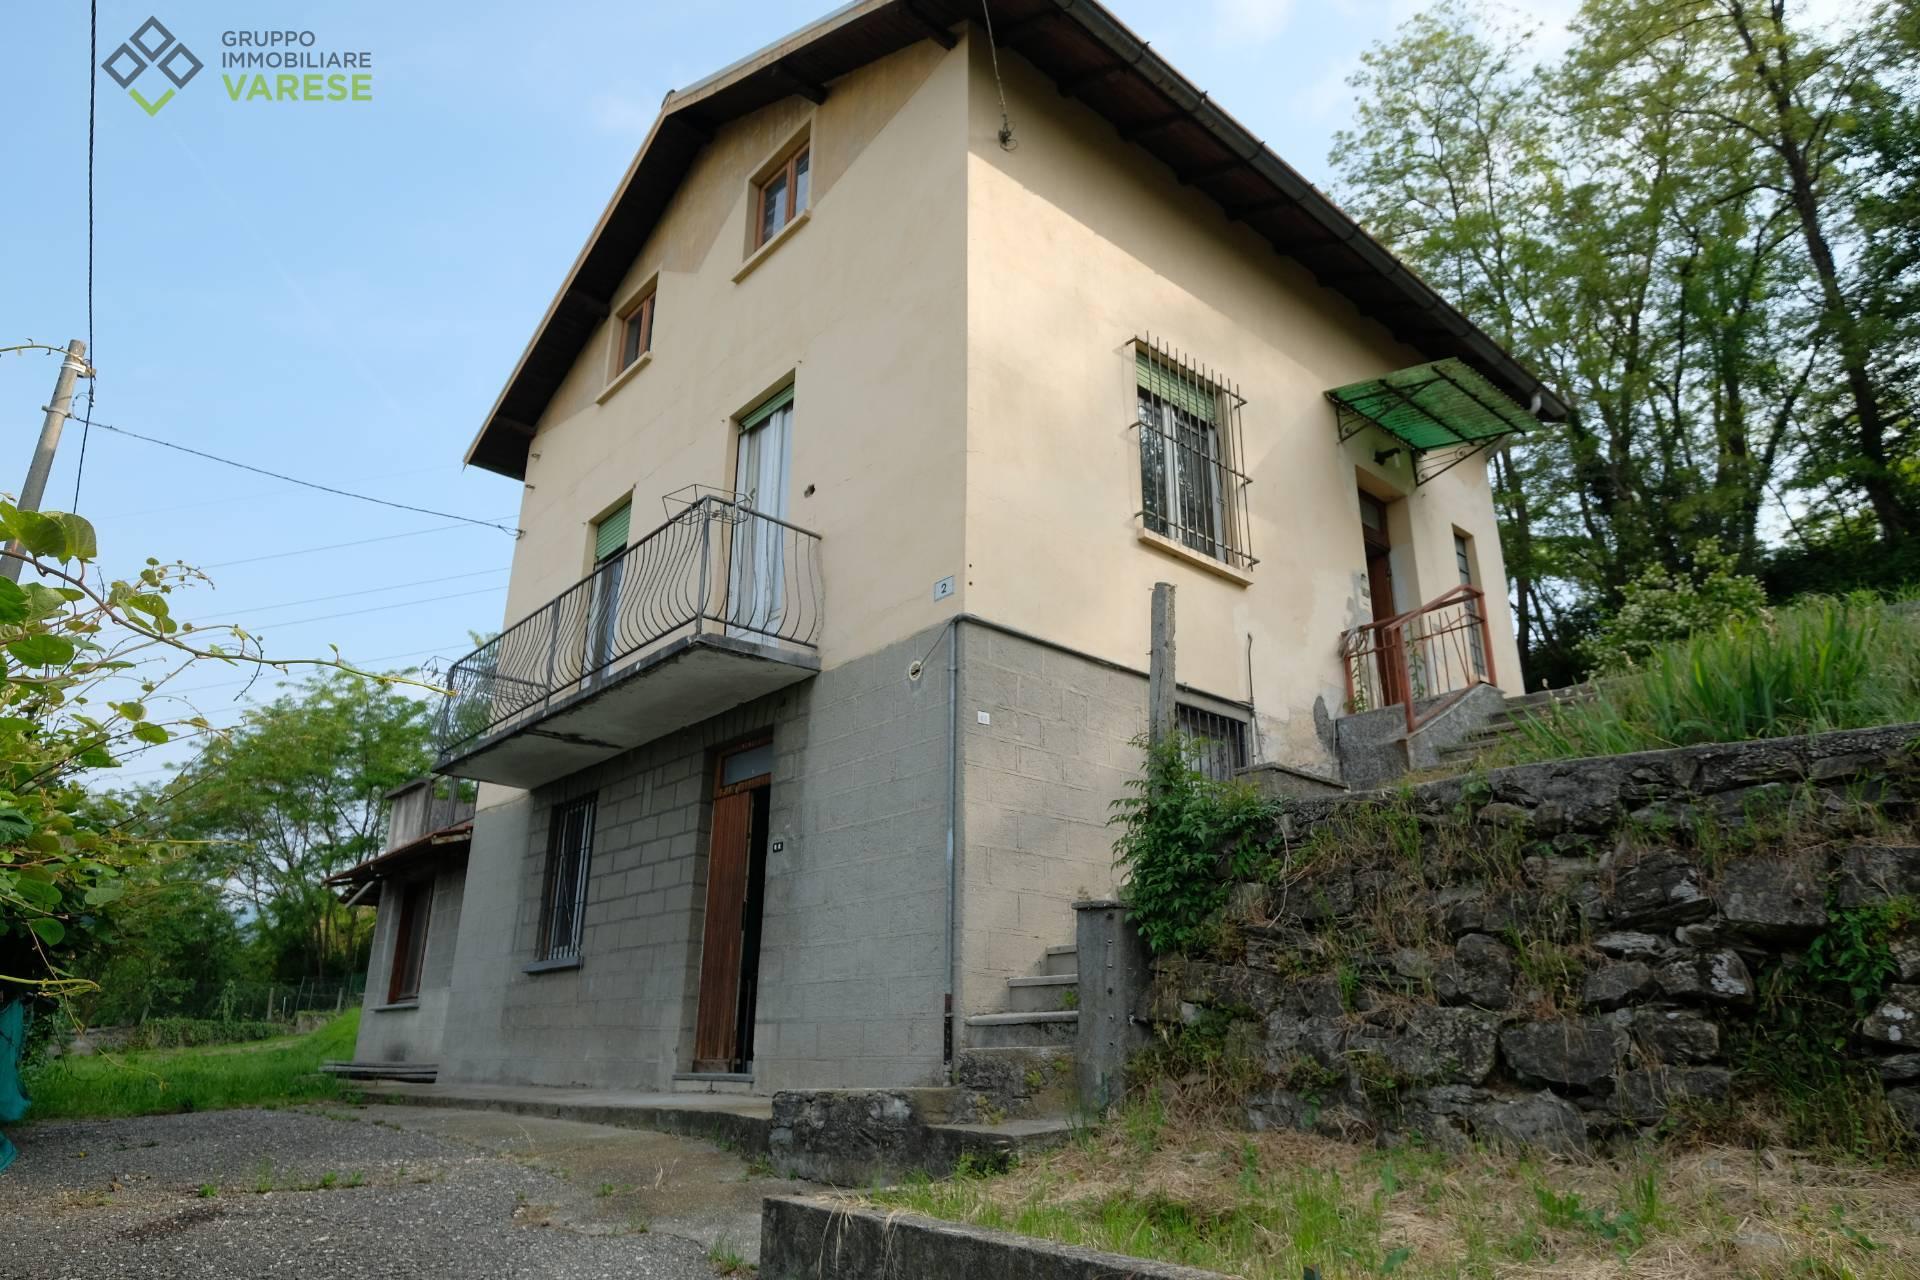 Soluzione Indipendente in vendita a Cocquio-Trevisago, 6 locali, zona ni, prezzo € 130.000 | PortaleAgenzieImmobiliari.it